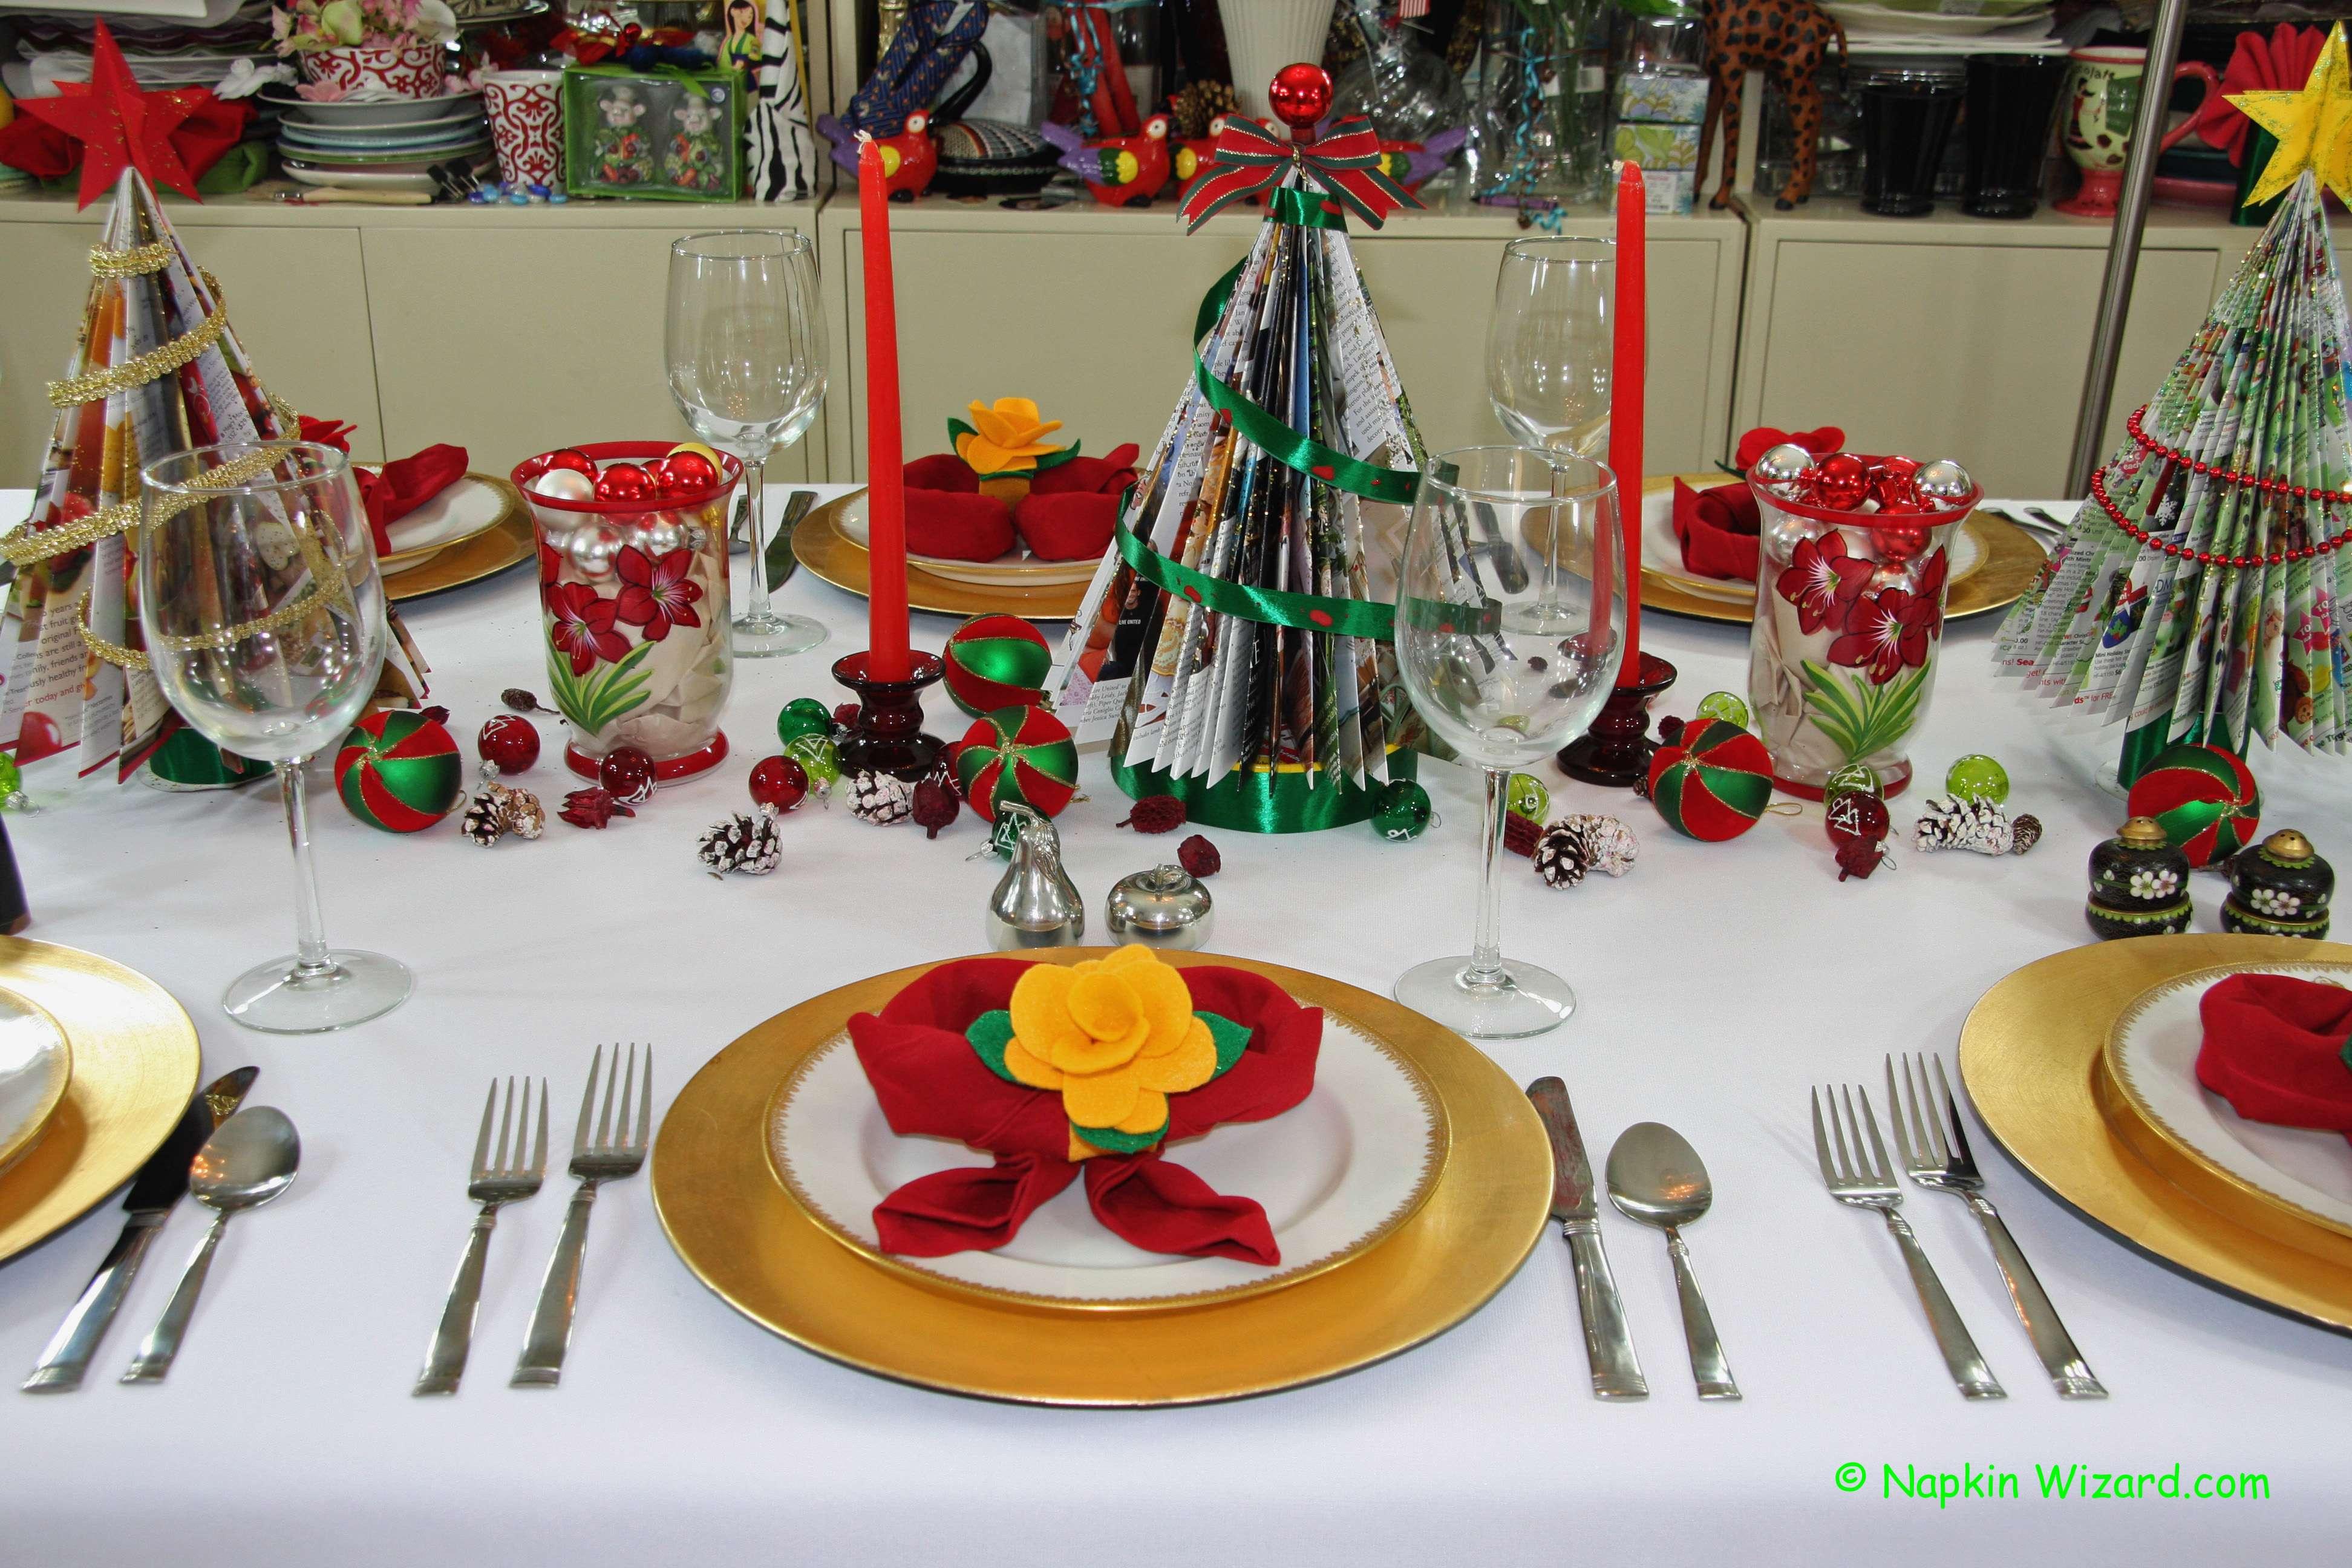 Easy Festive Christmas Table Settings